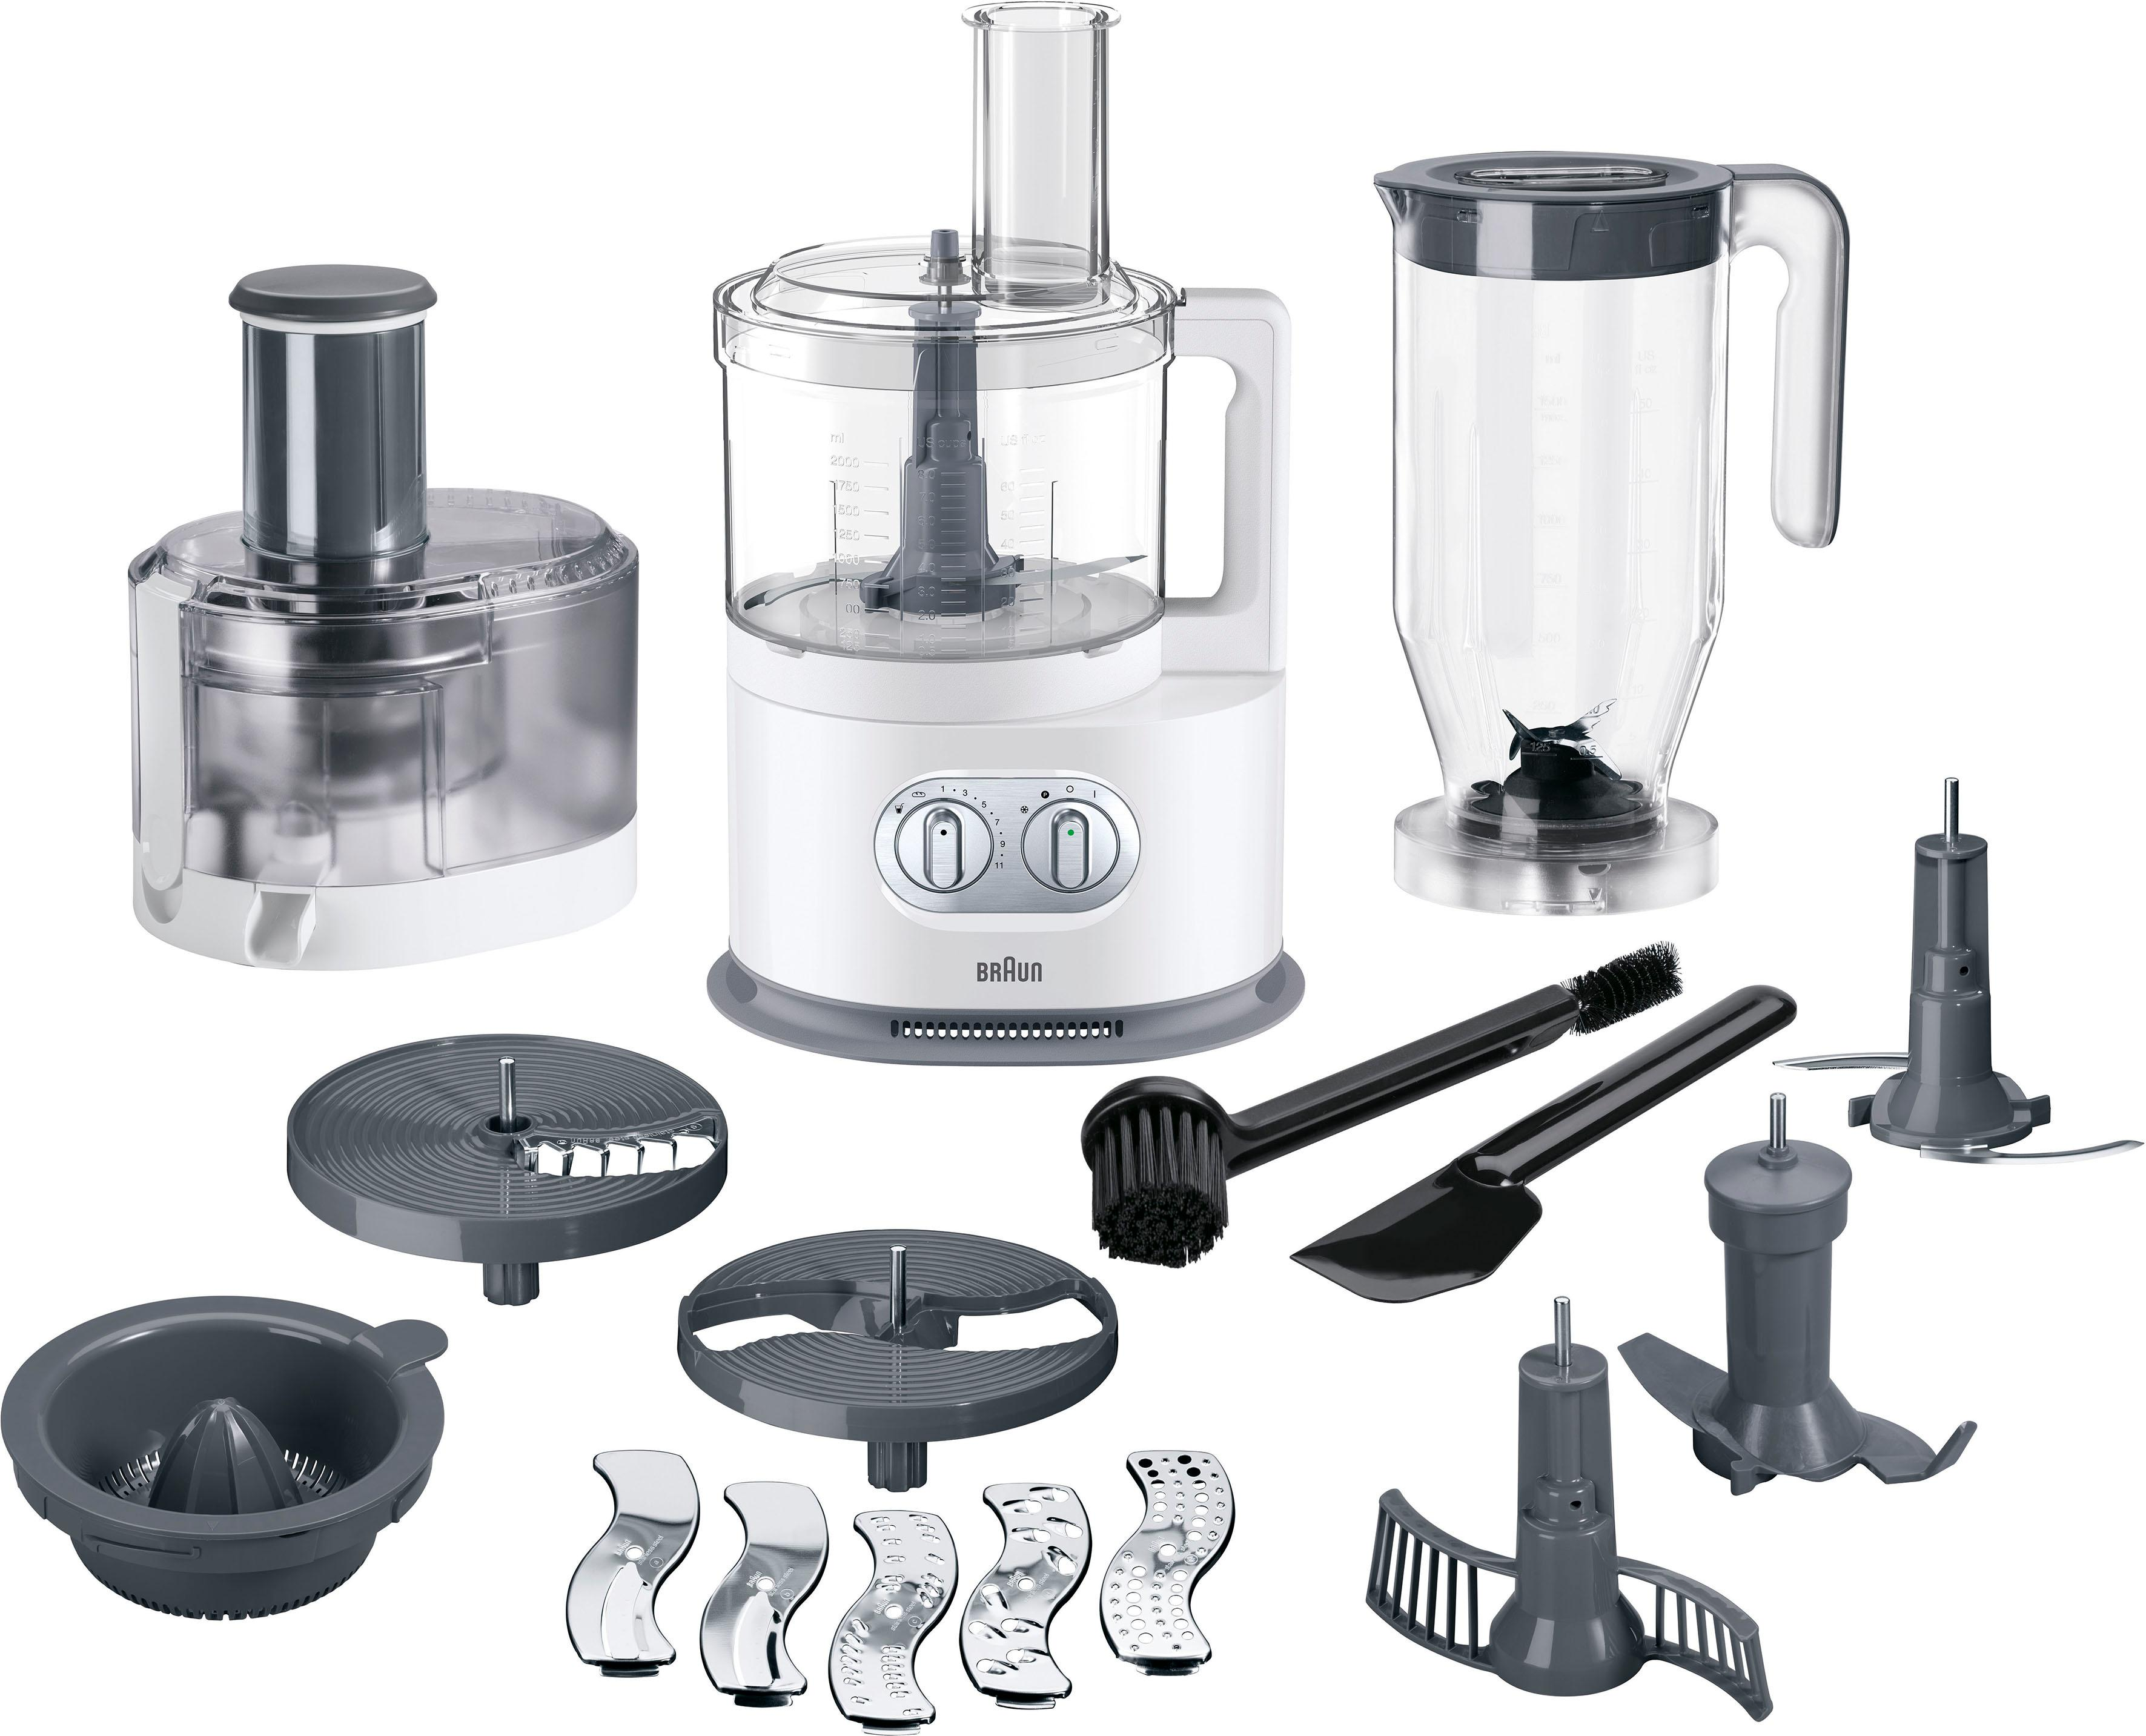 Braun Küchenmaschine mit Kochfunktion FP 5160, 1000 Watt, Schüssel 2 Liter  kaufen   BAUR